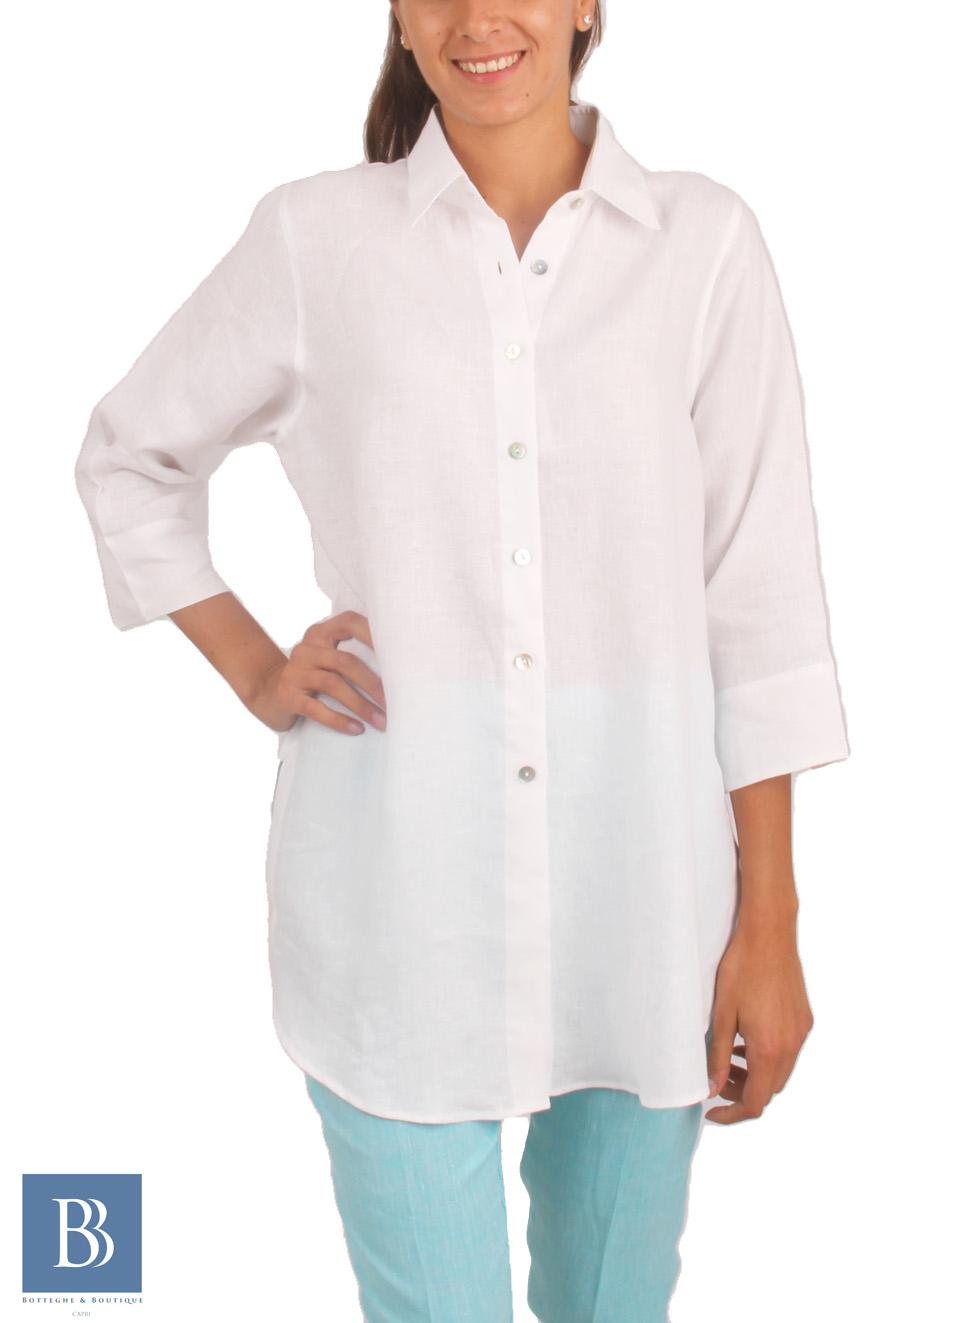 competitive price dac5a b26f5 Camicia artigianale da donna in lino - Colori Di Capri ...